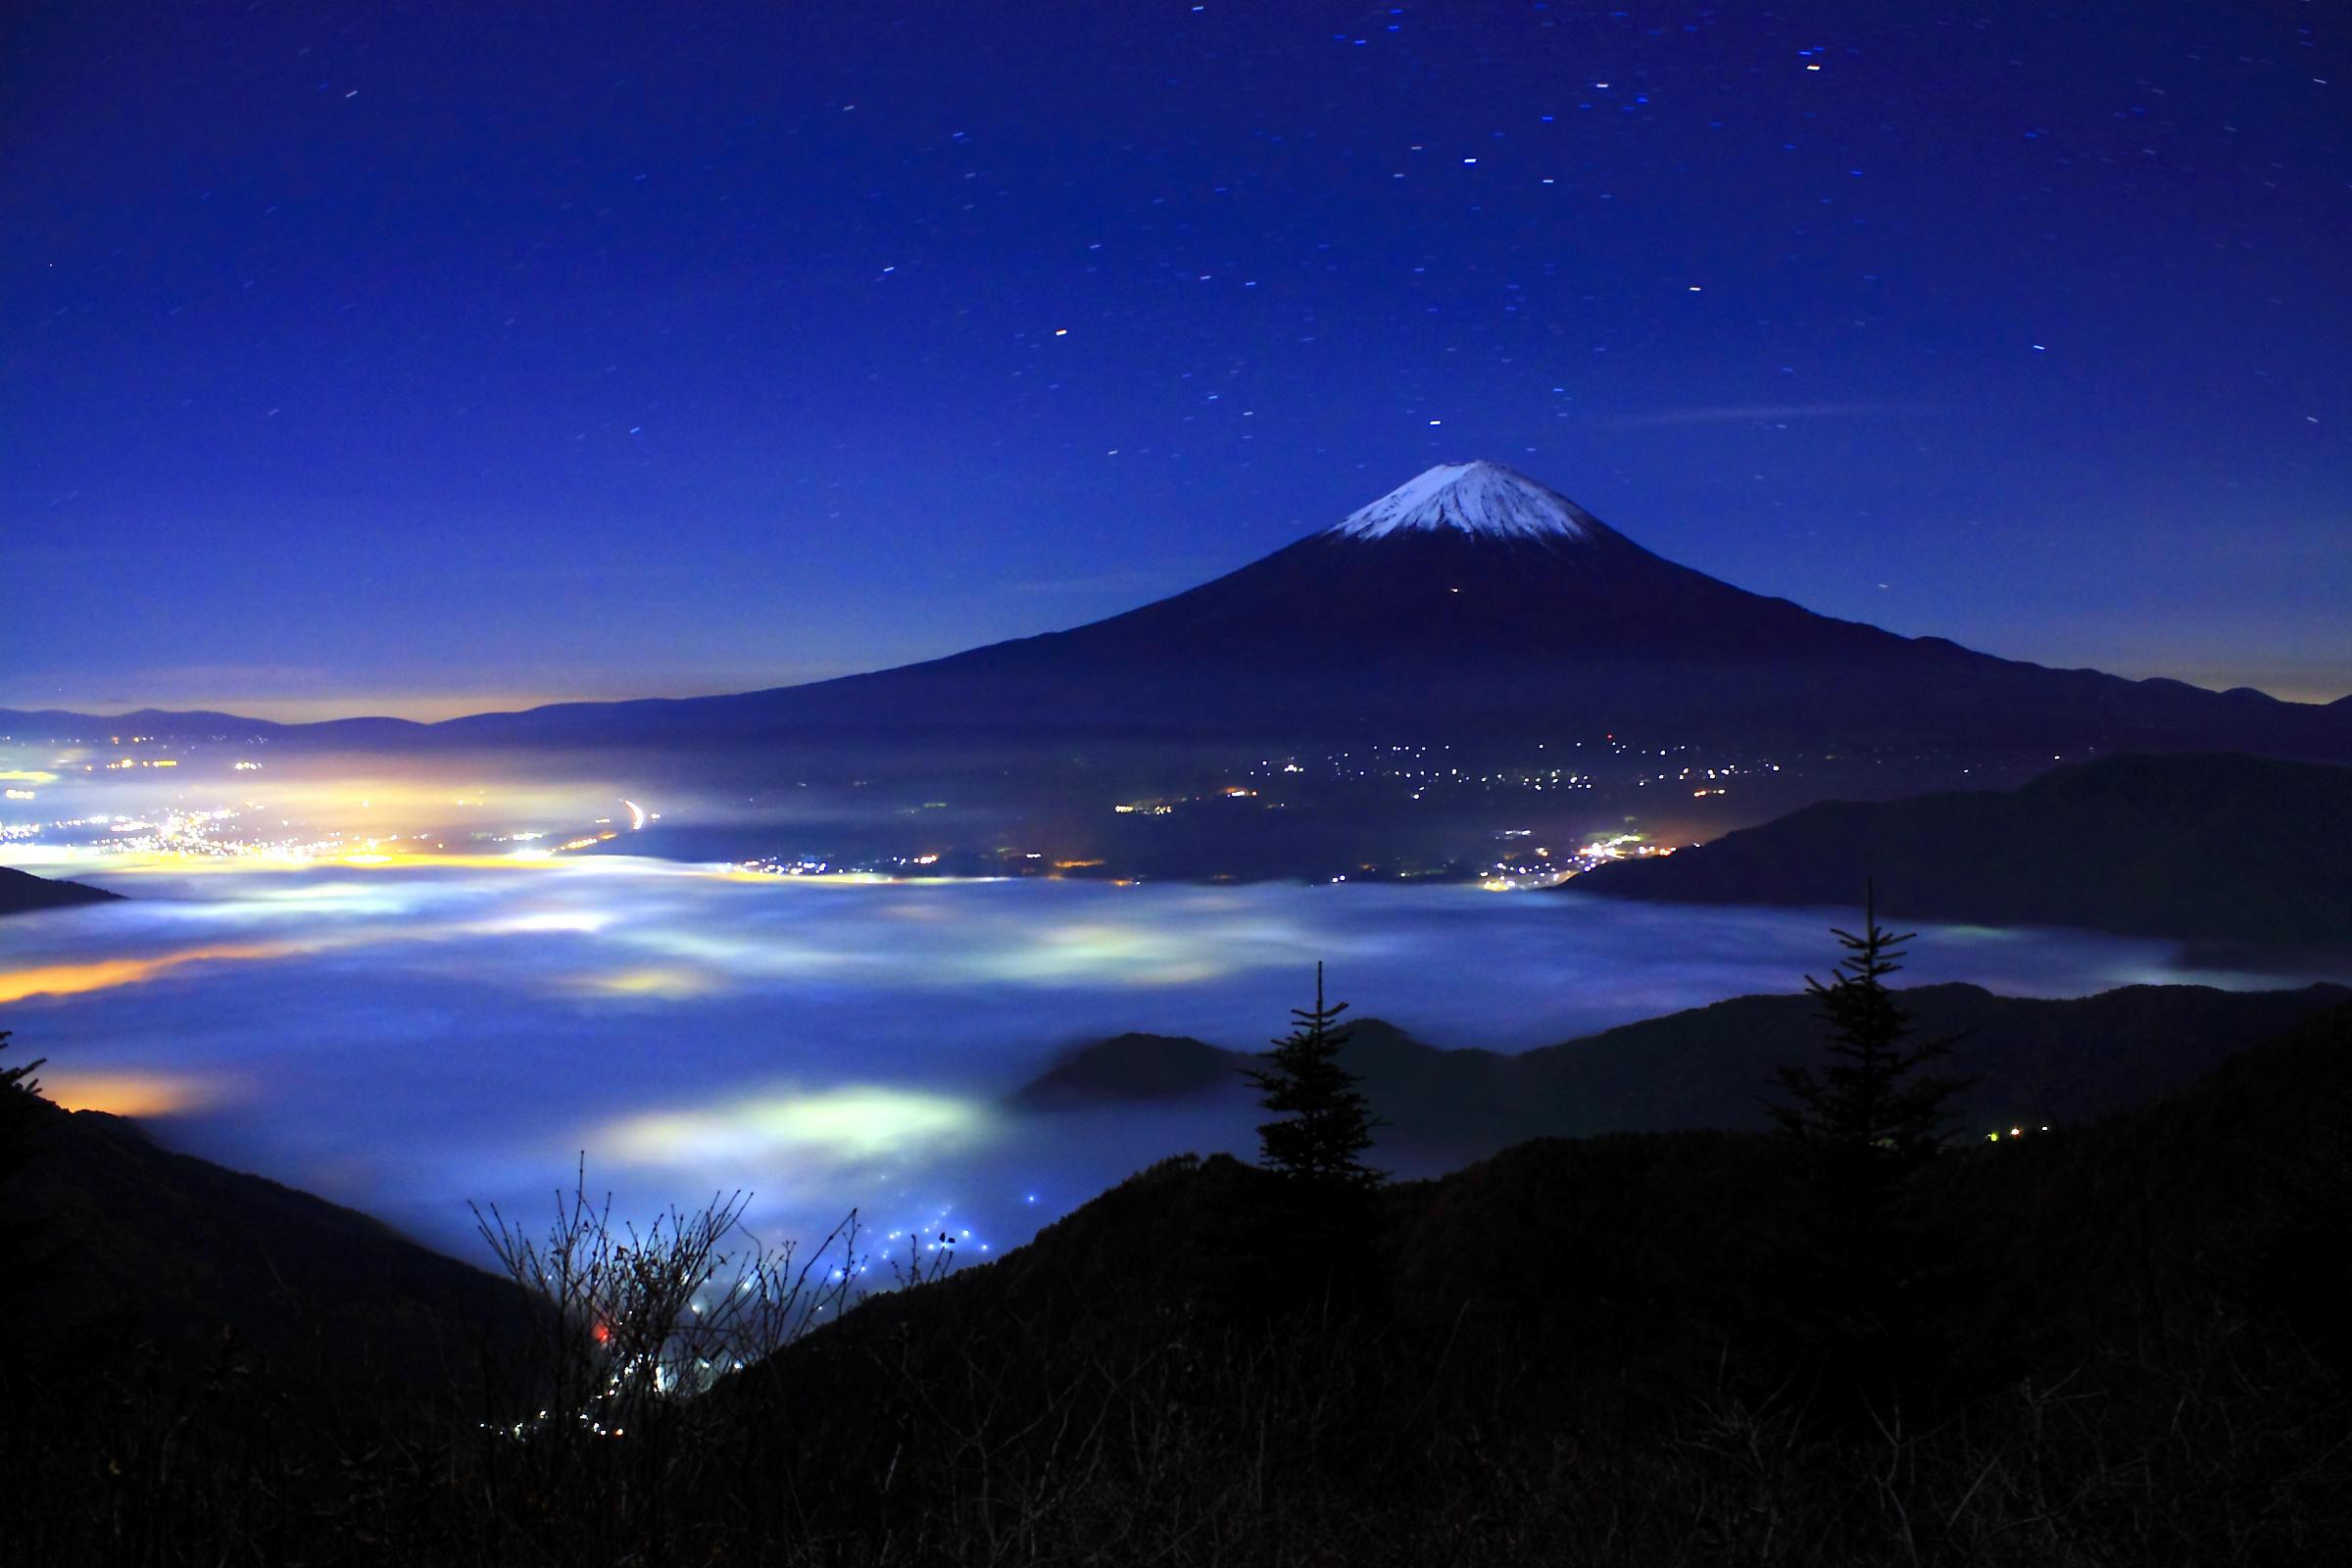 【壁紙】綺麗な『夜景』の画像集☆ : 【壁紙】綺麗な『夜景』の画像集☆ - NAVER まとめ